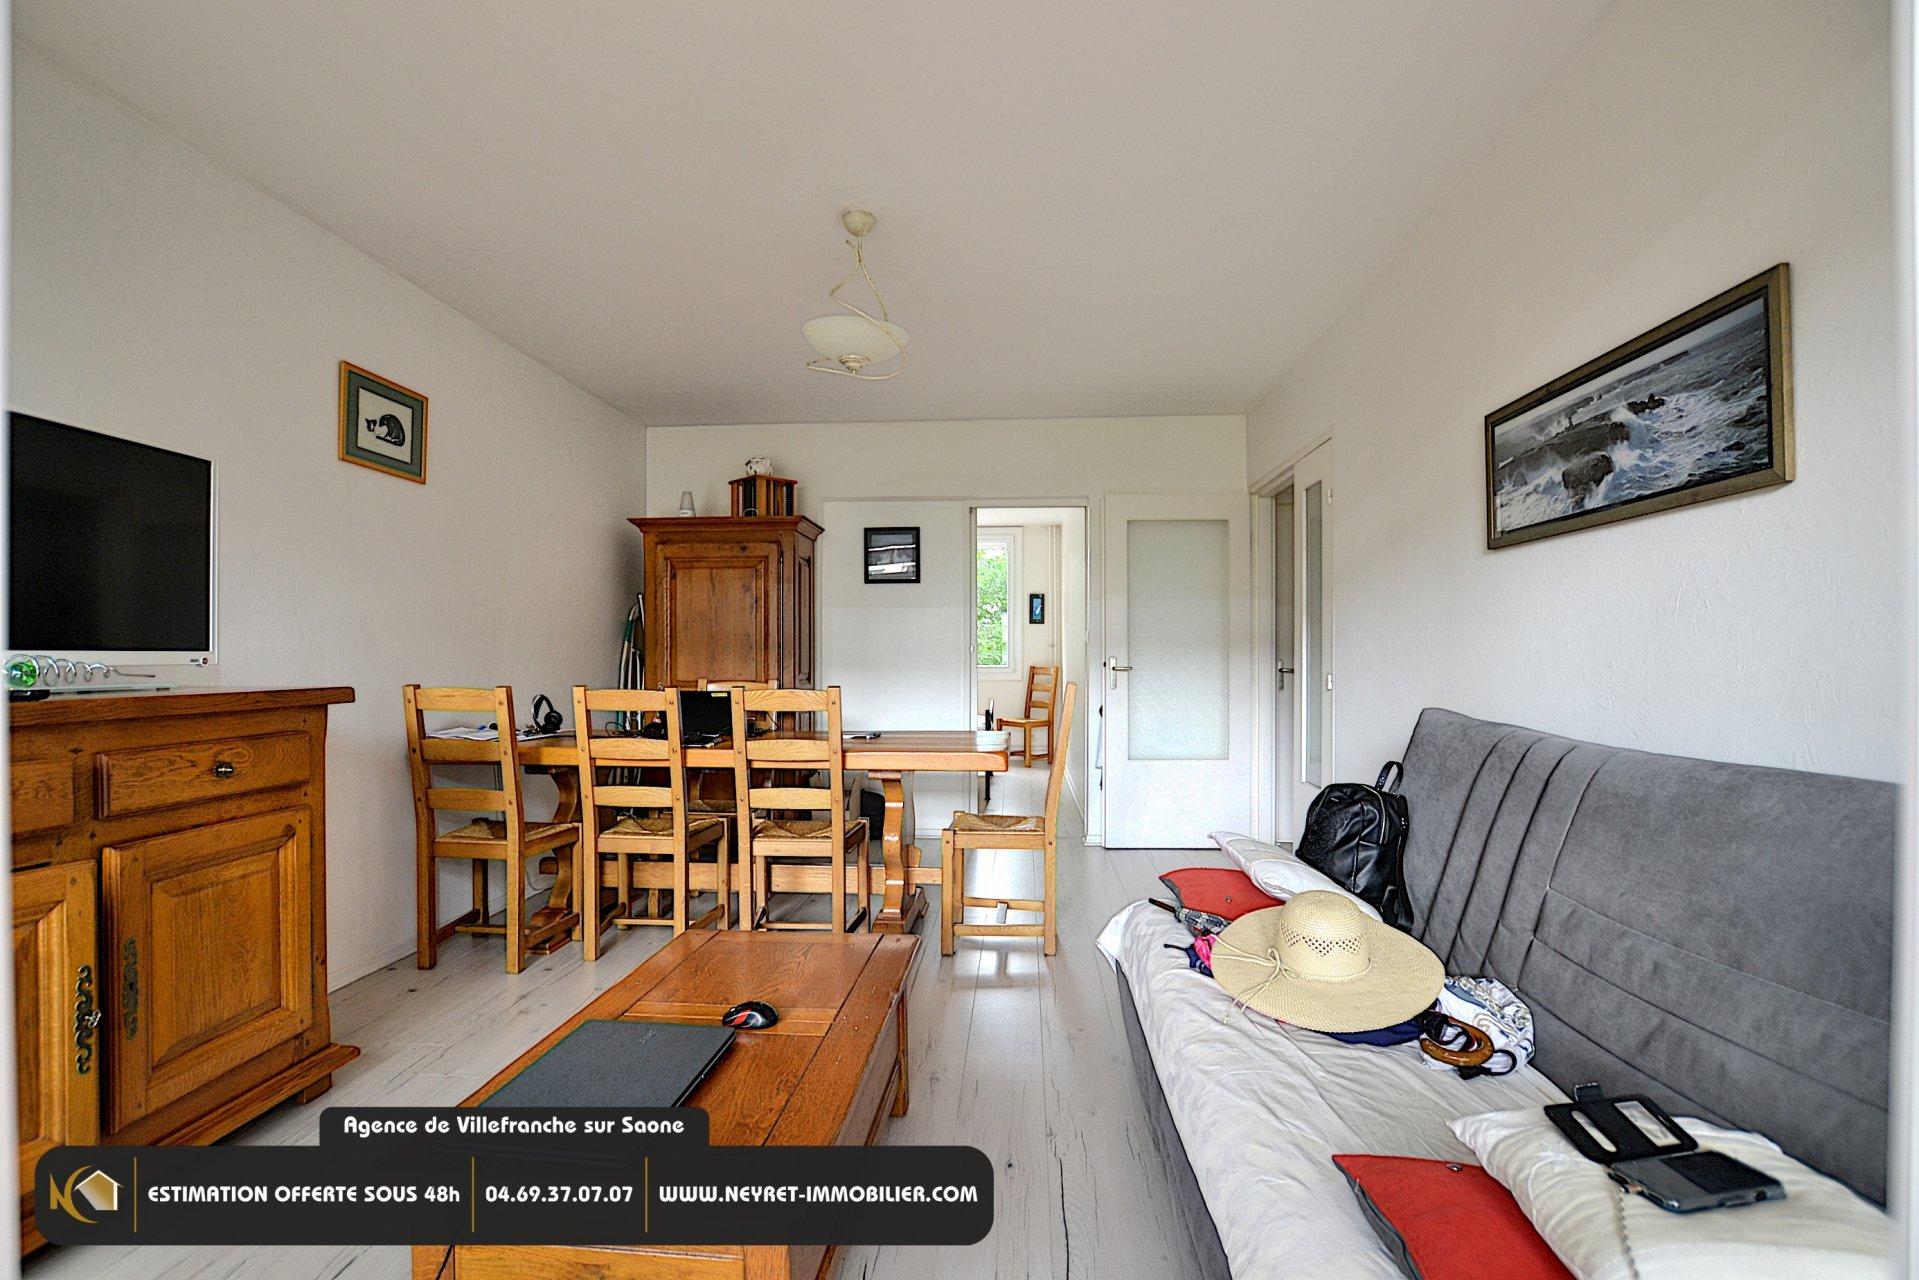 Appartement T4 avec terrasse